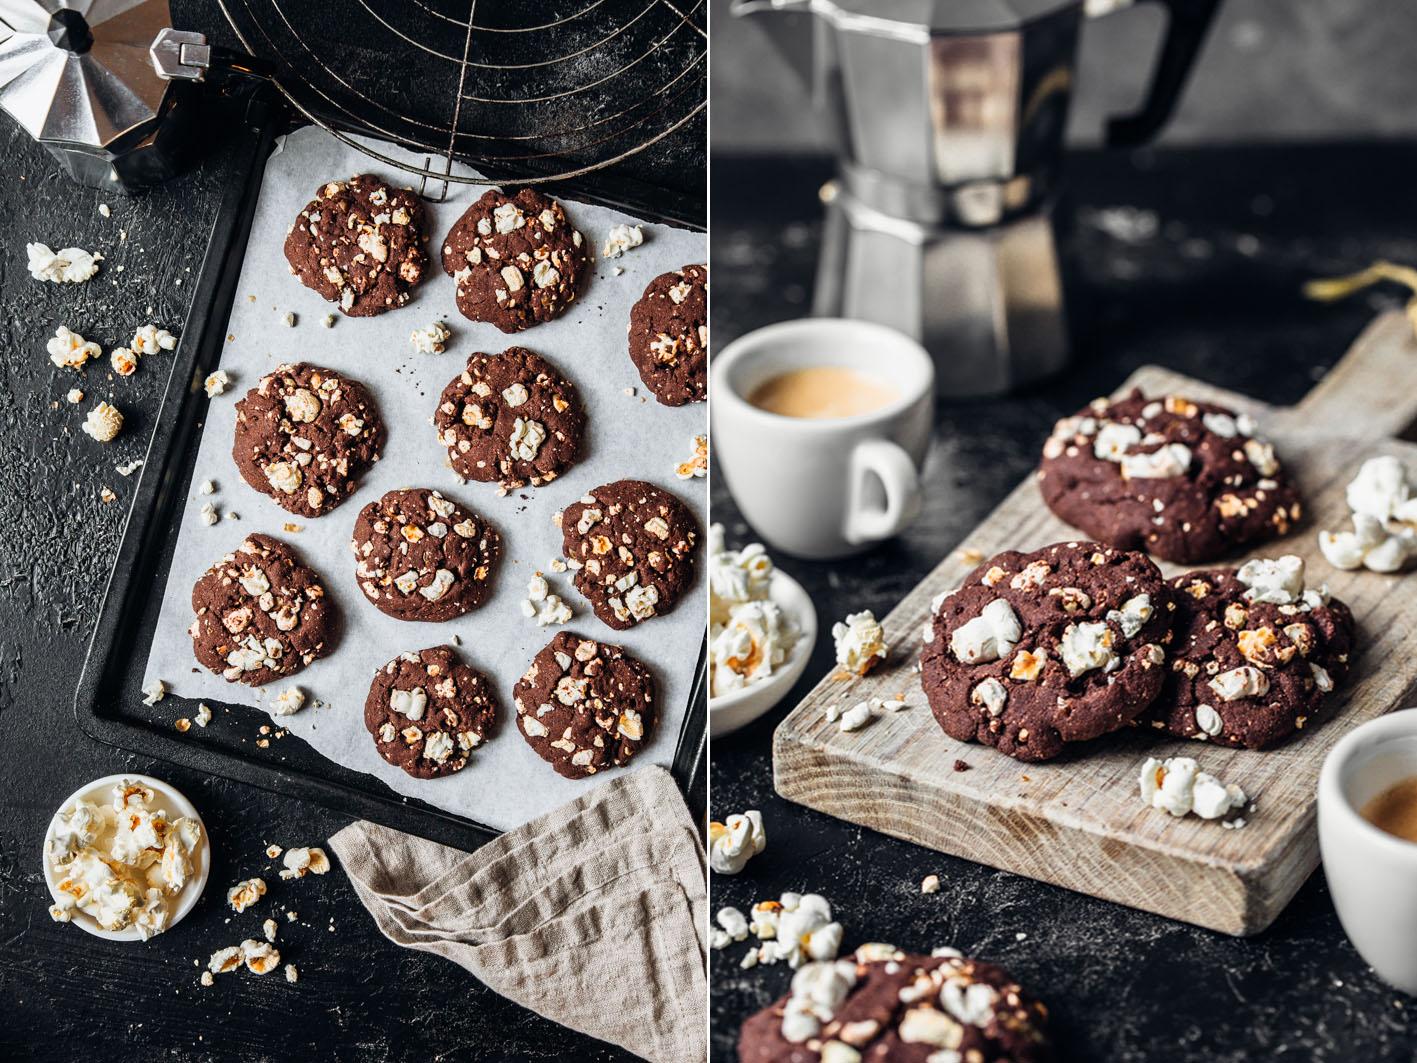 Schokoladen-Cookies aus gesunden Zutaten mit Popcorn